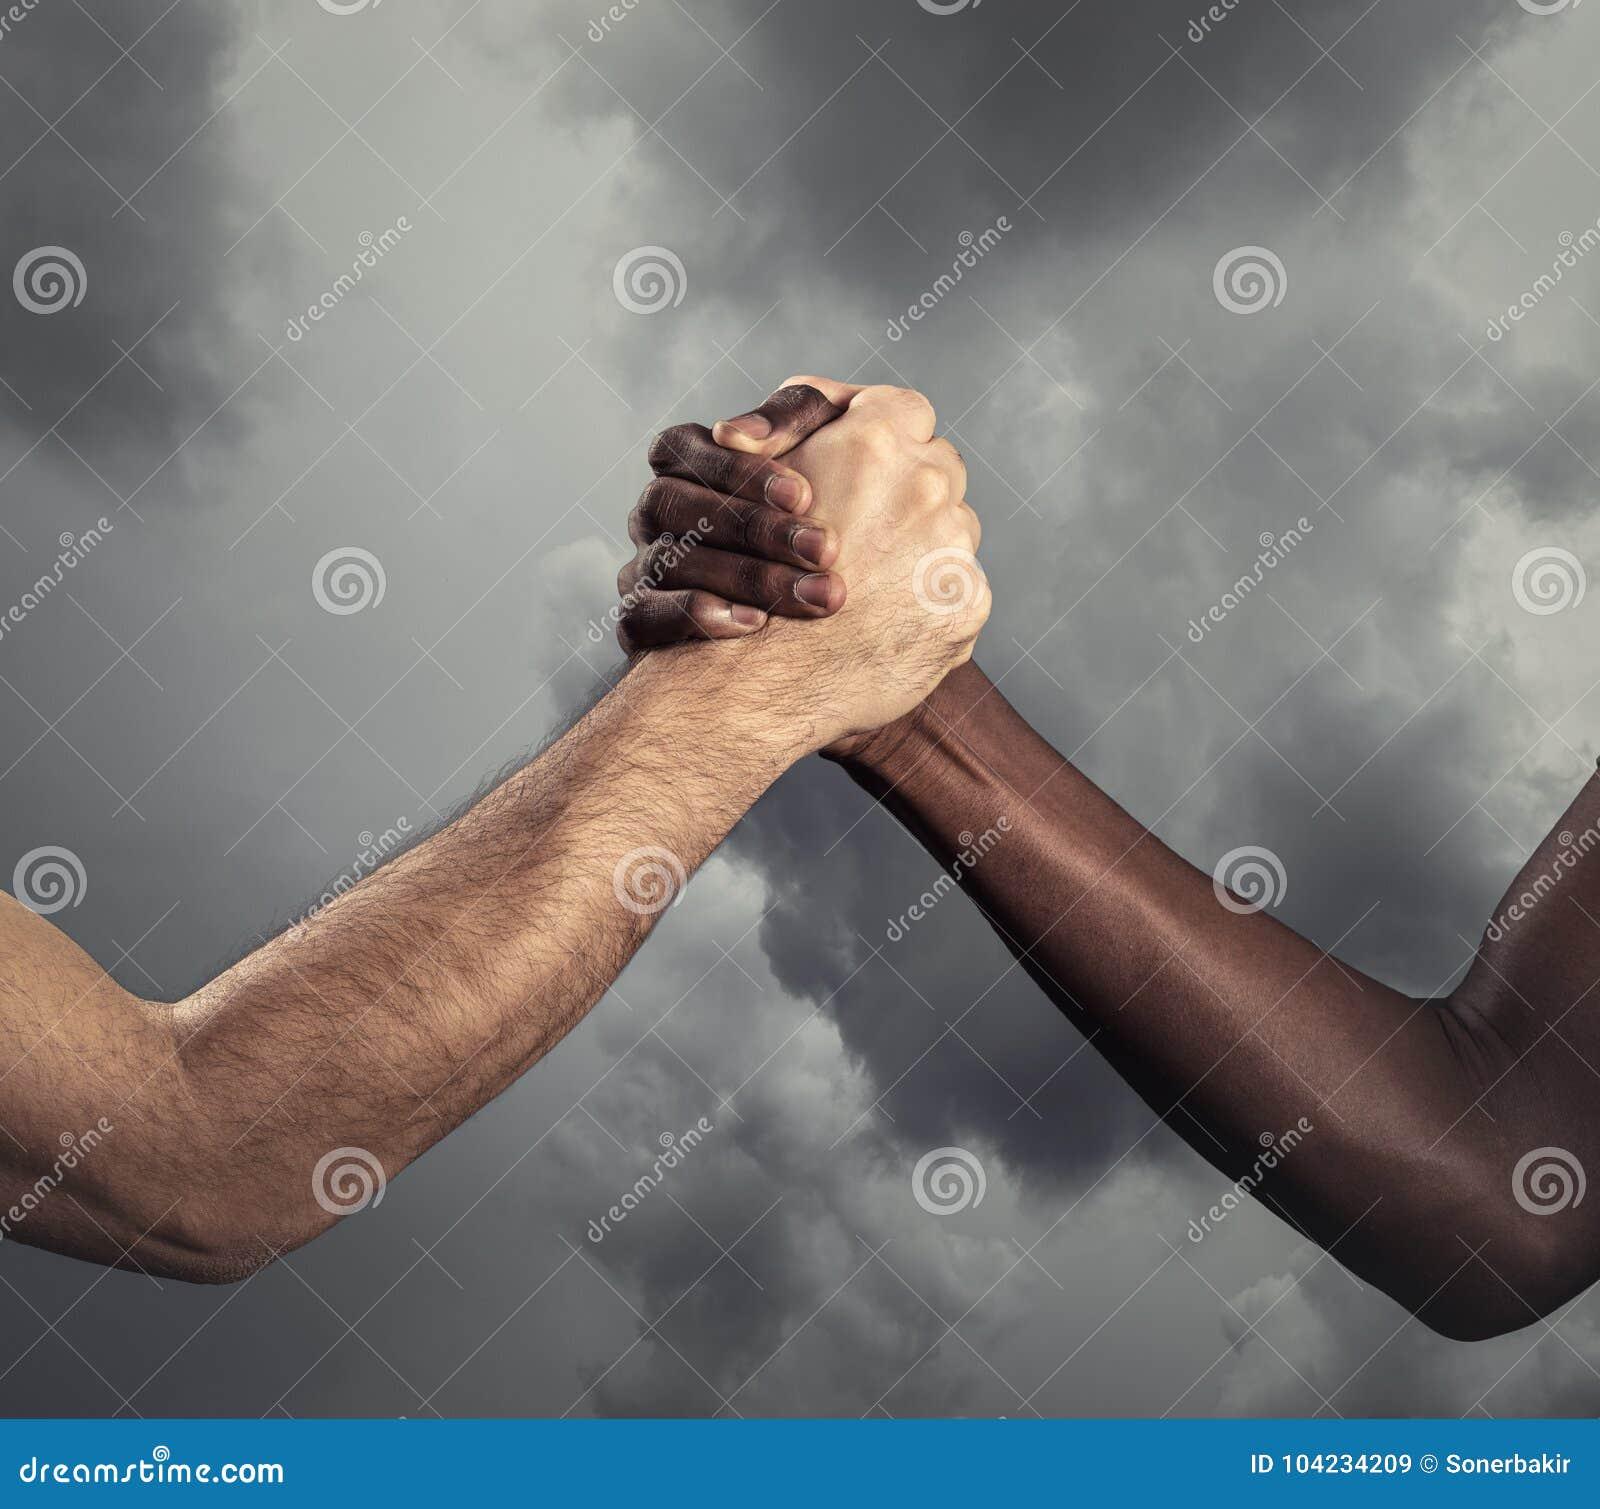 Διαφυλετικά ανθρώπινα χέρια για τη φιλία - έννοια της ειρήνης και της ενότητας κατά του ρατσισμού